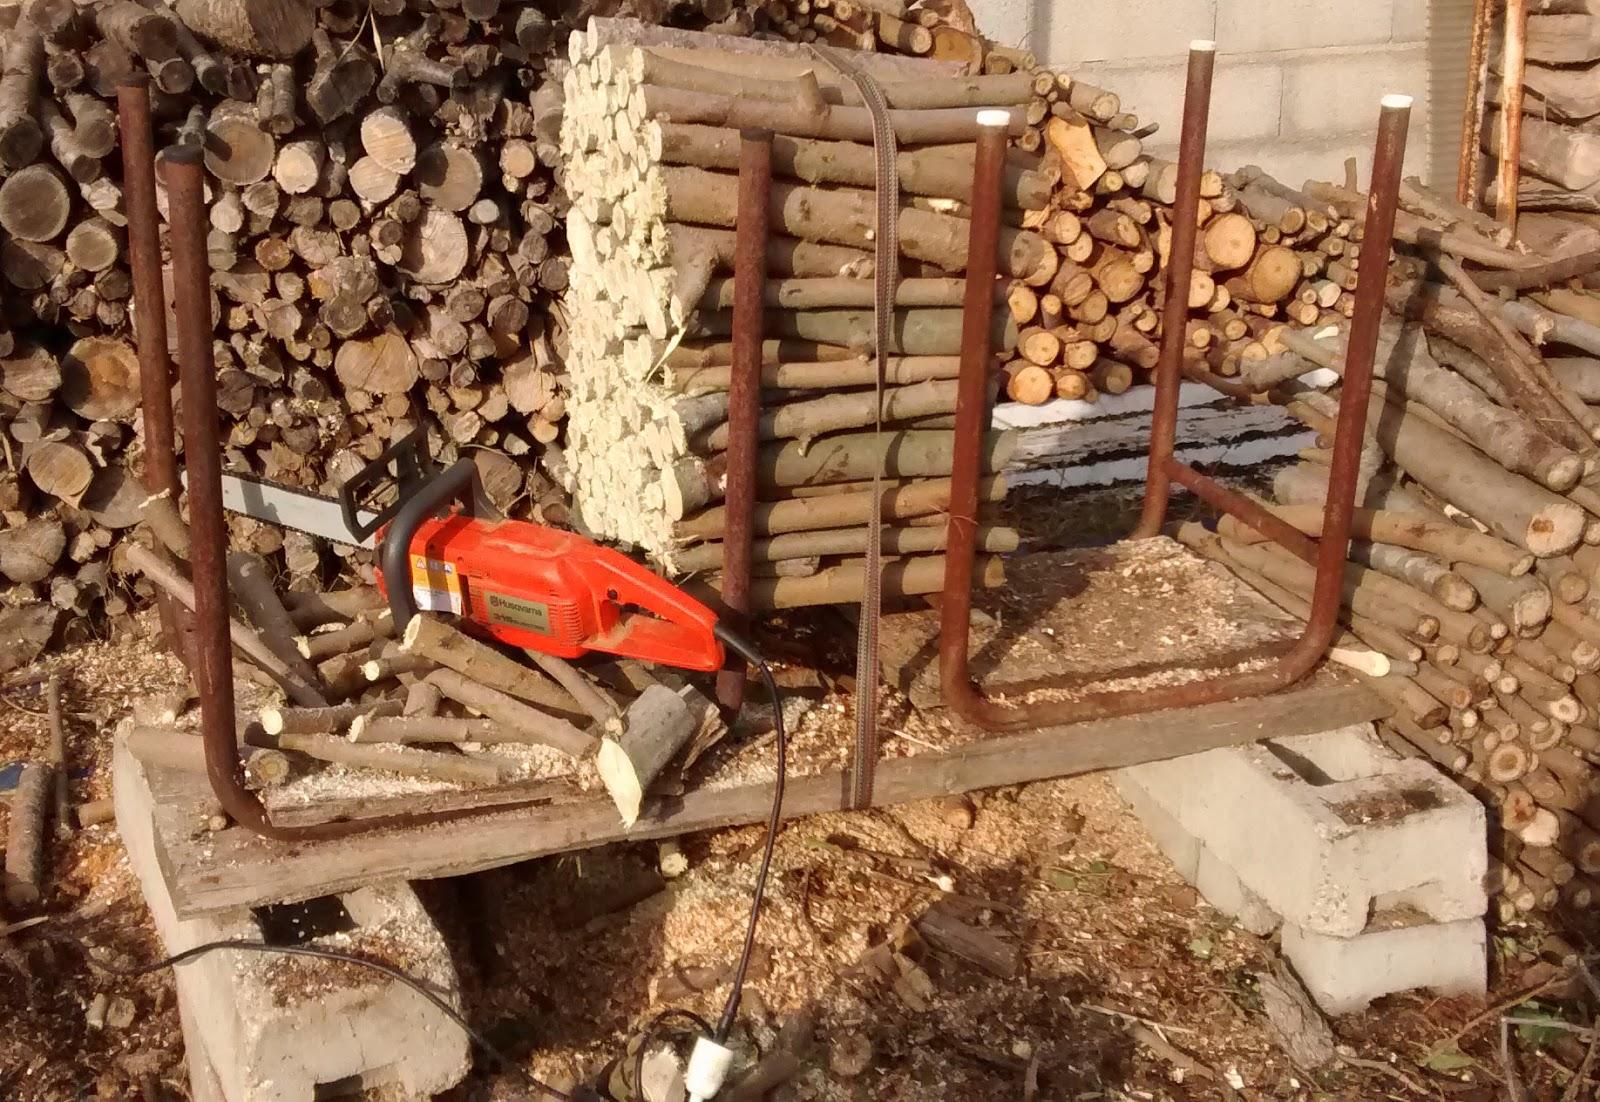 grinchou blog Chevalet de tronçonnage simple et efficace pour couper son bois de chauffage # Outil Pour Couper Du Bois